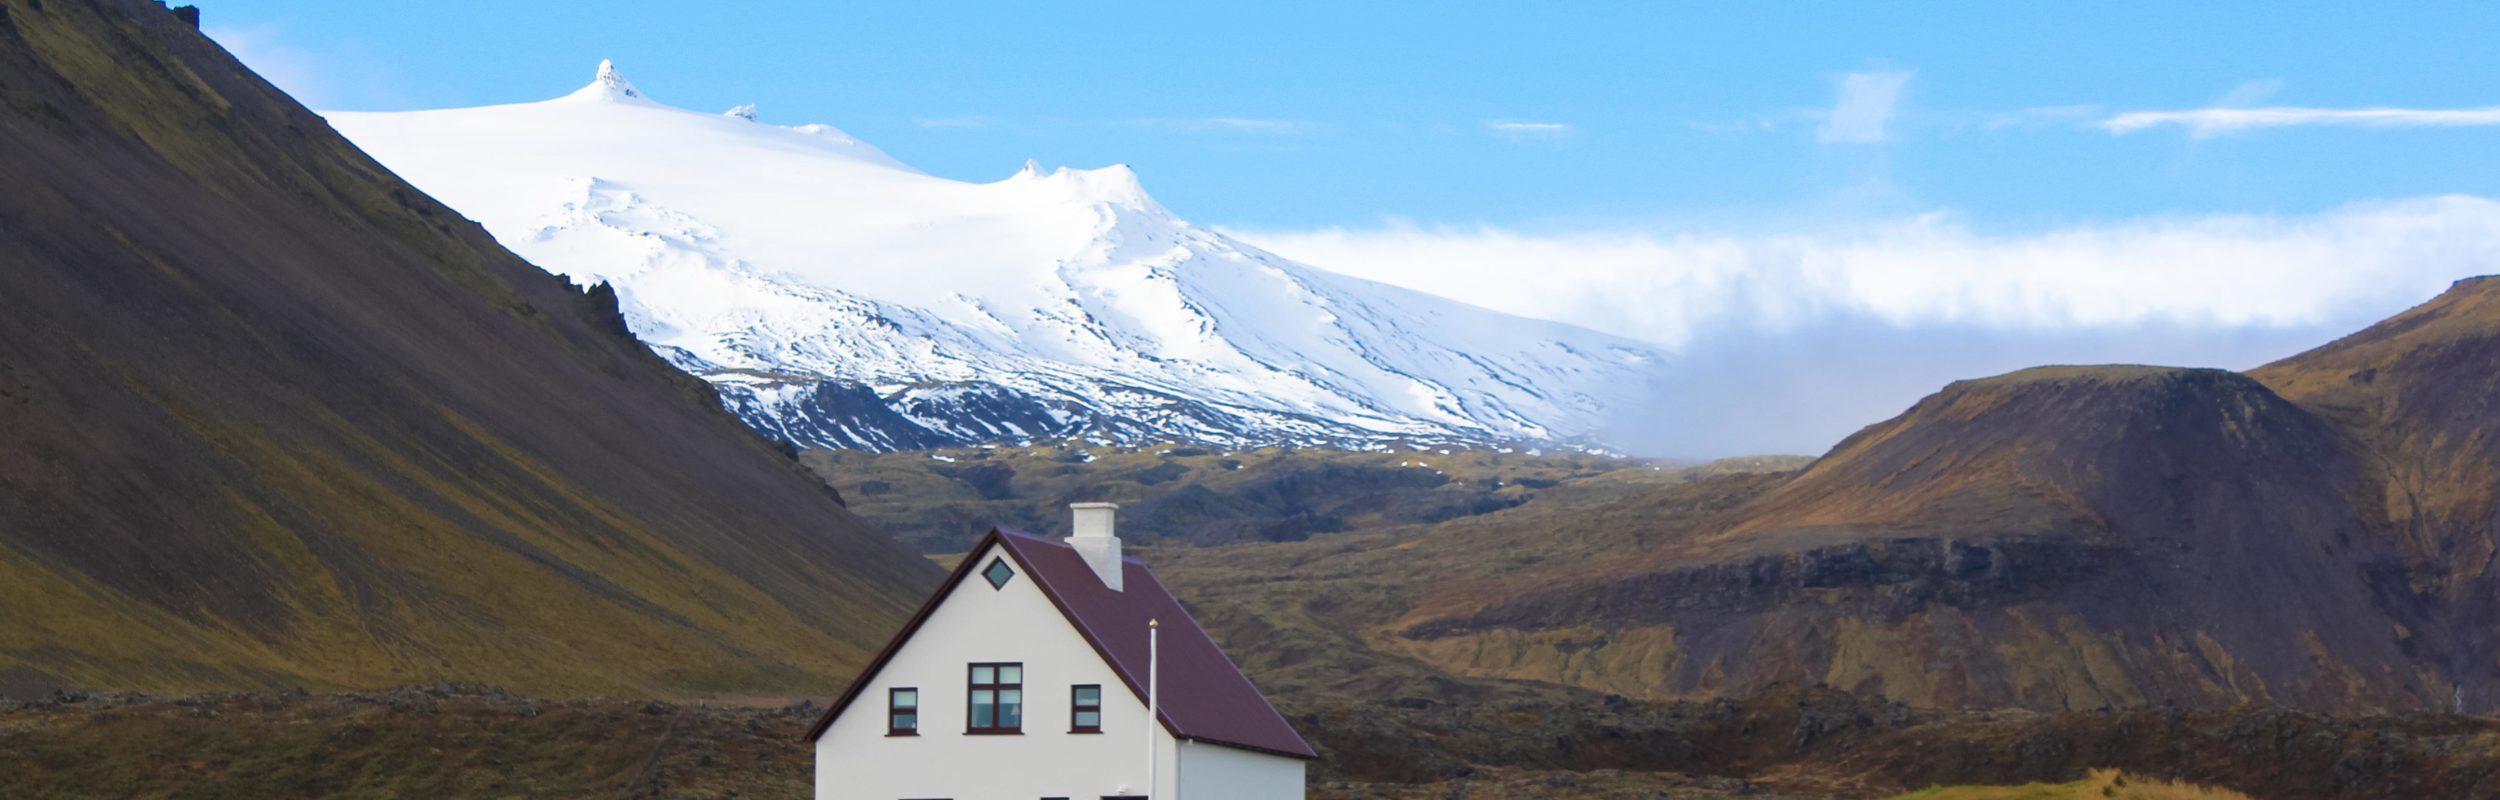 Une semaine en Islande #6 : l'extraordinaire péninsule de Snæfellsnes